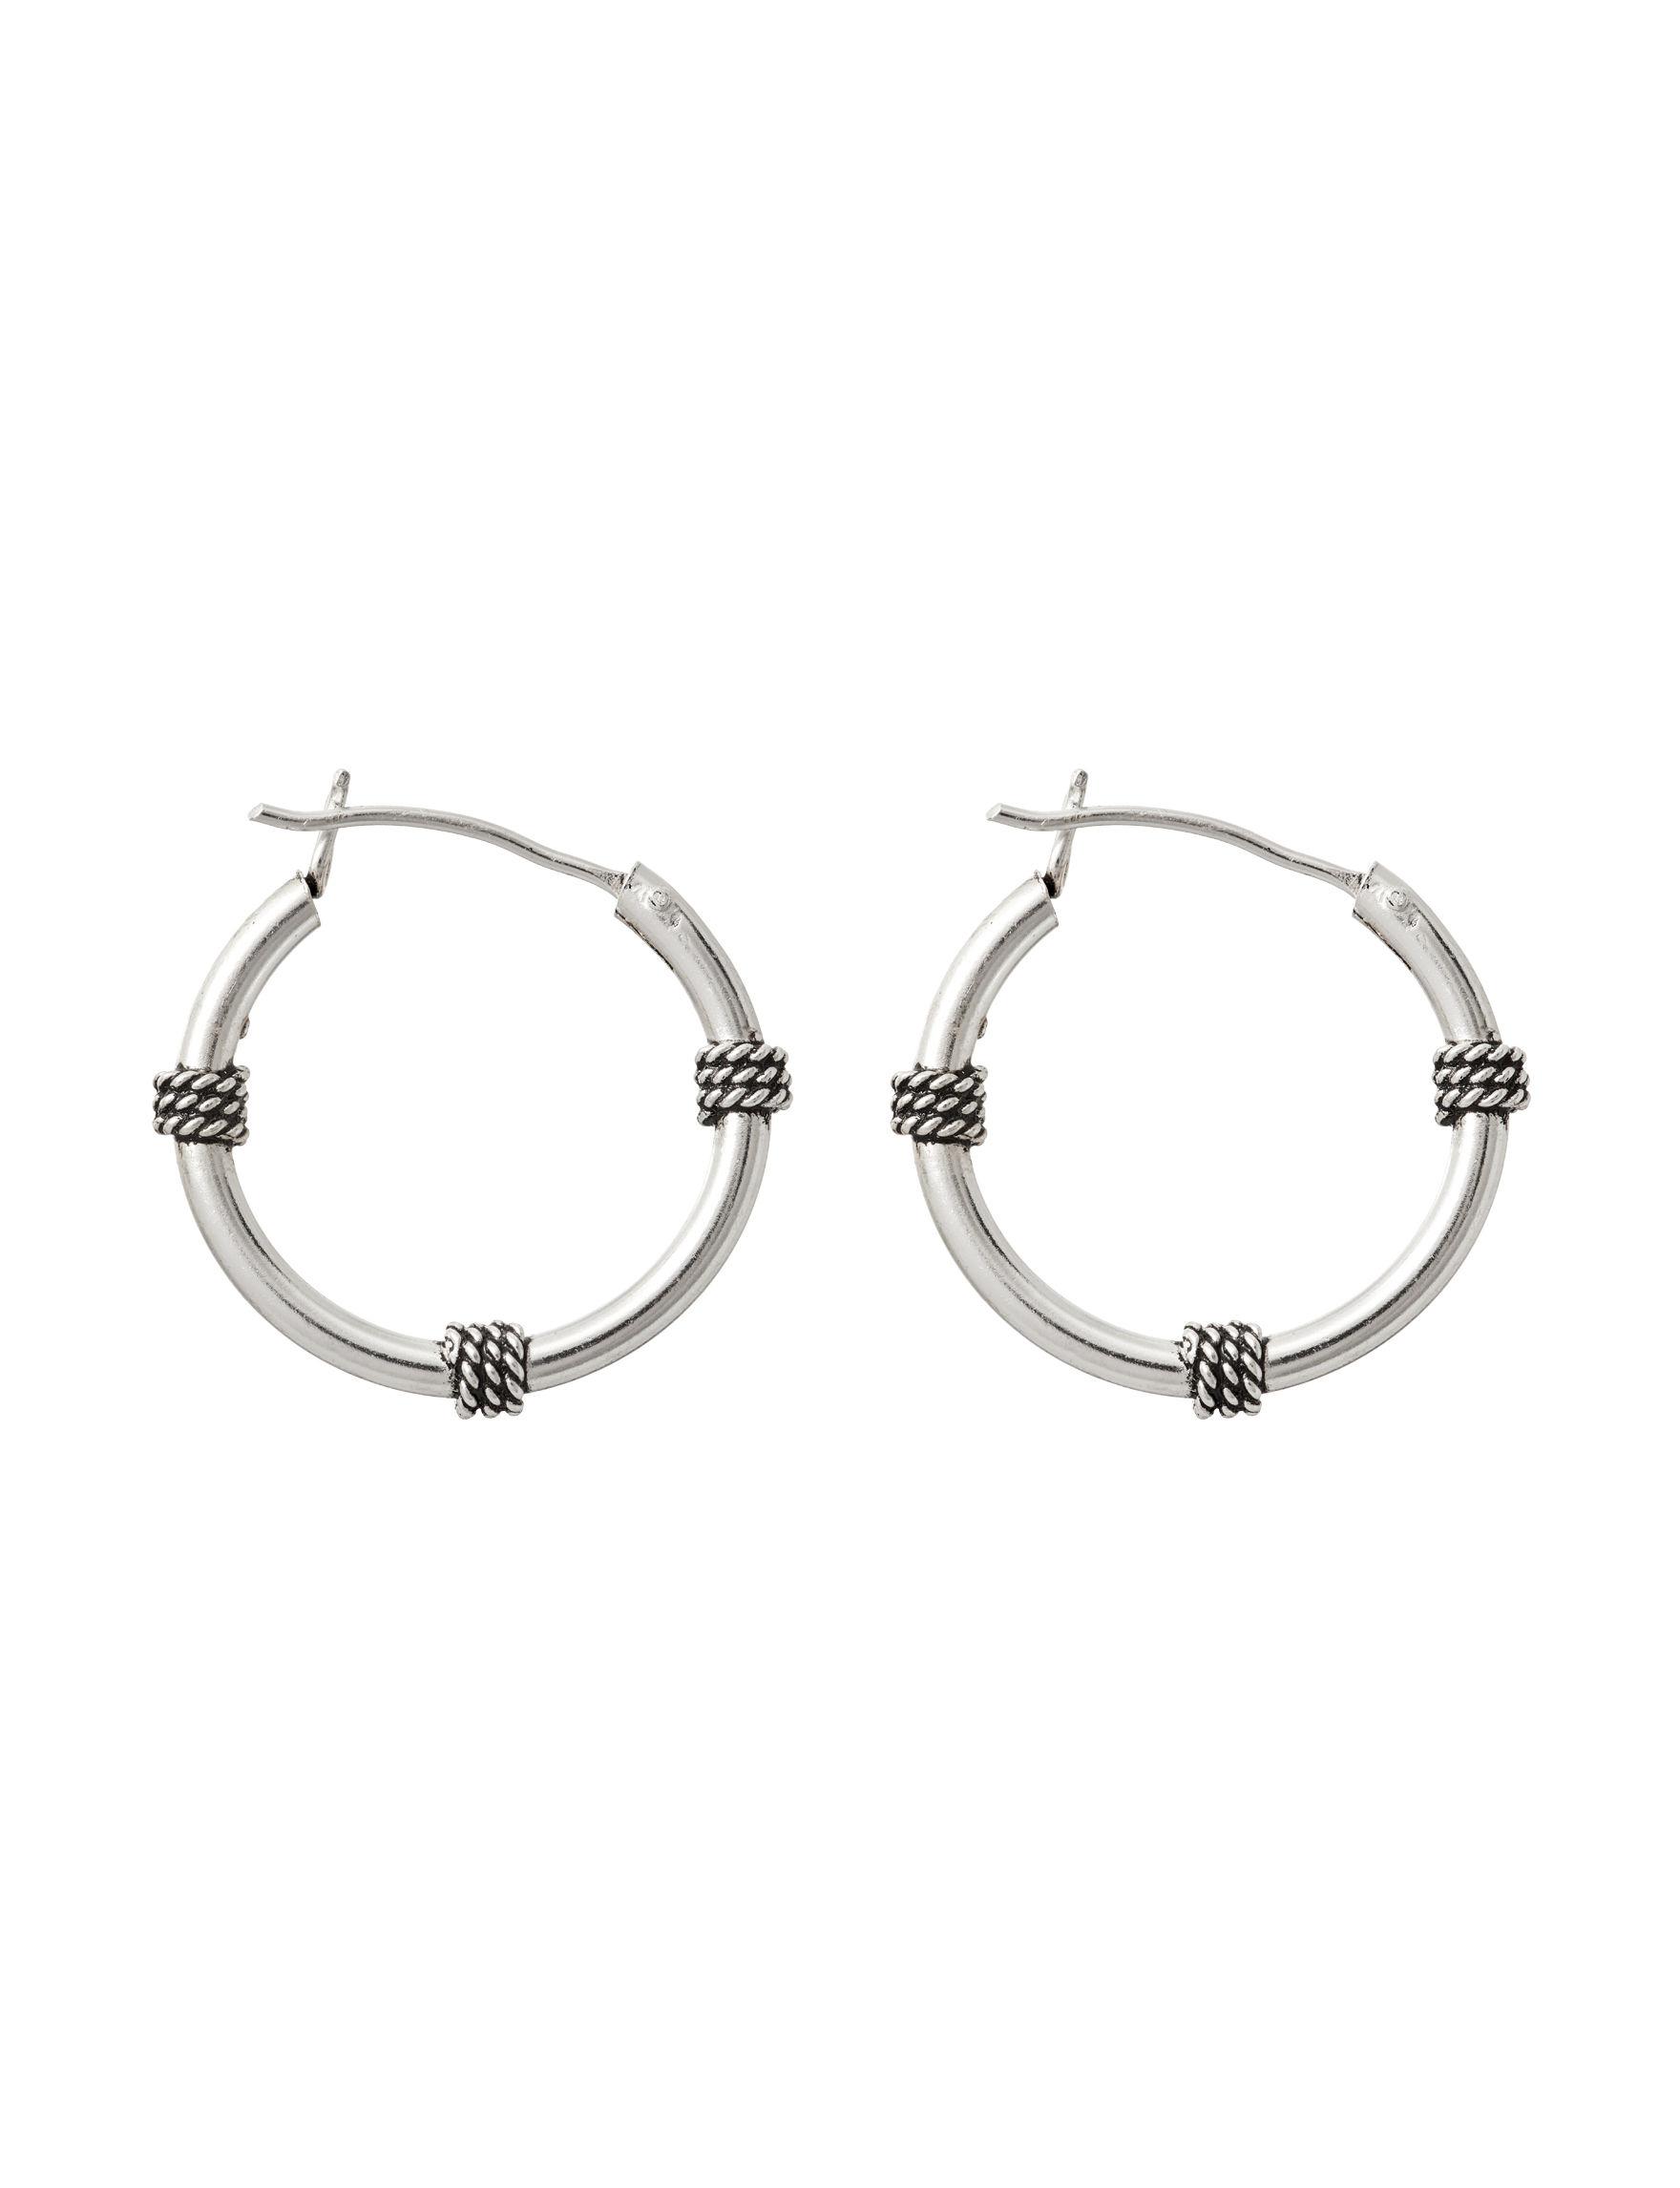 Marsala Silver Drops Hoops Earrings Fine Jewelry